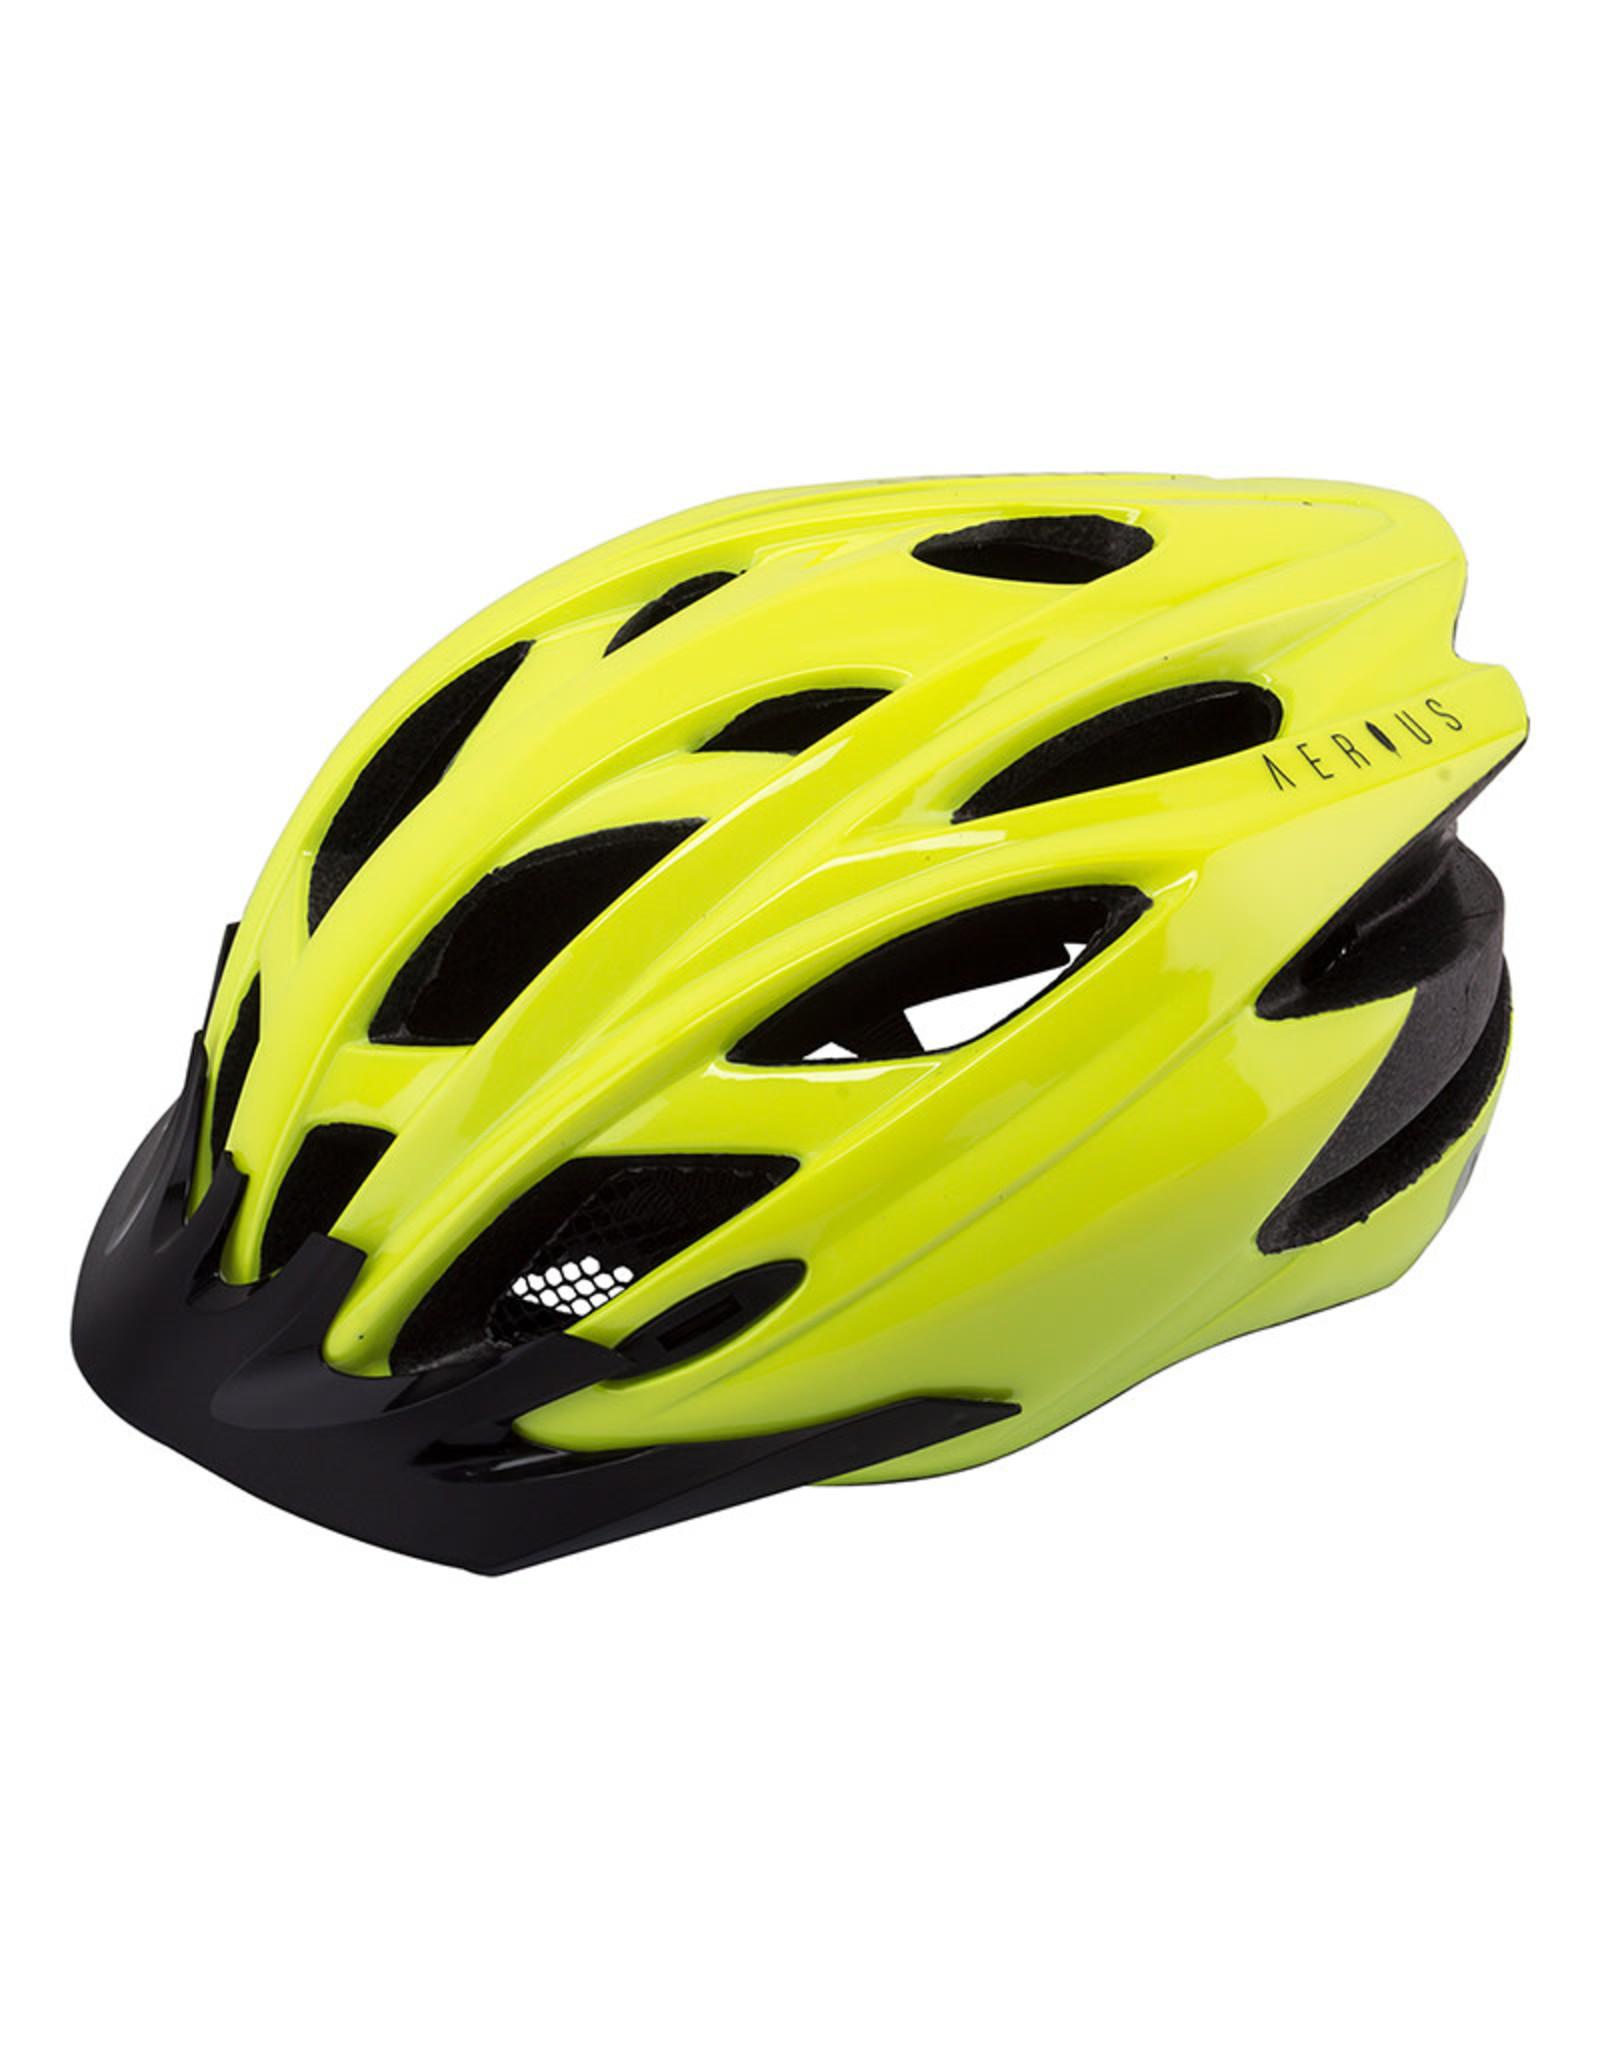 AERIUS Aerius Raven Helmet